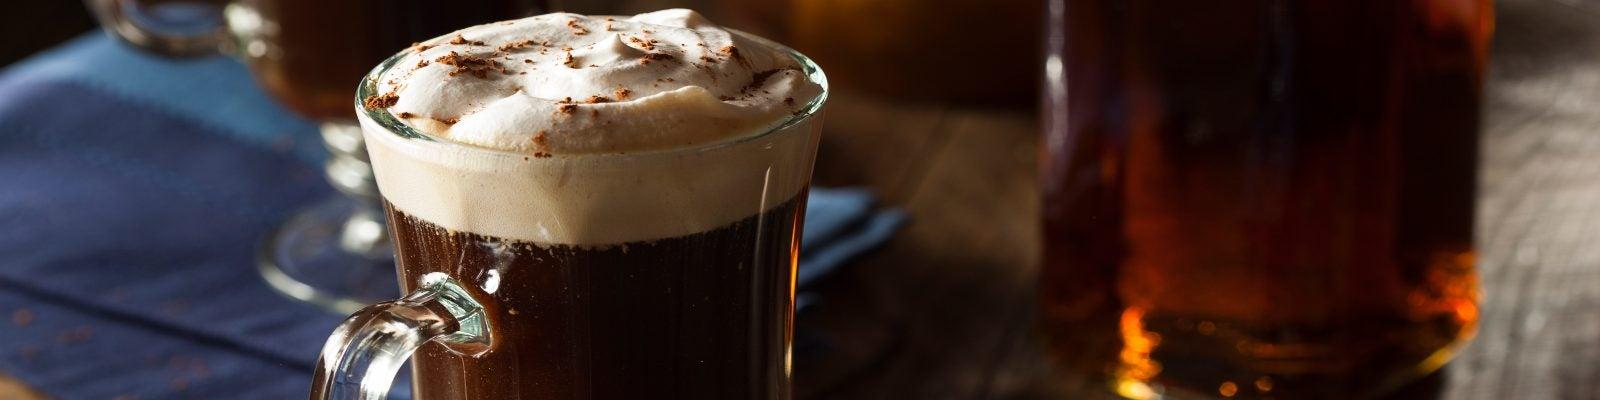 An Irish coffee